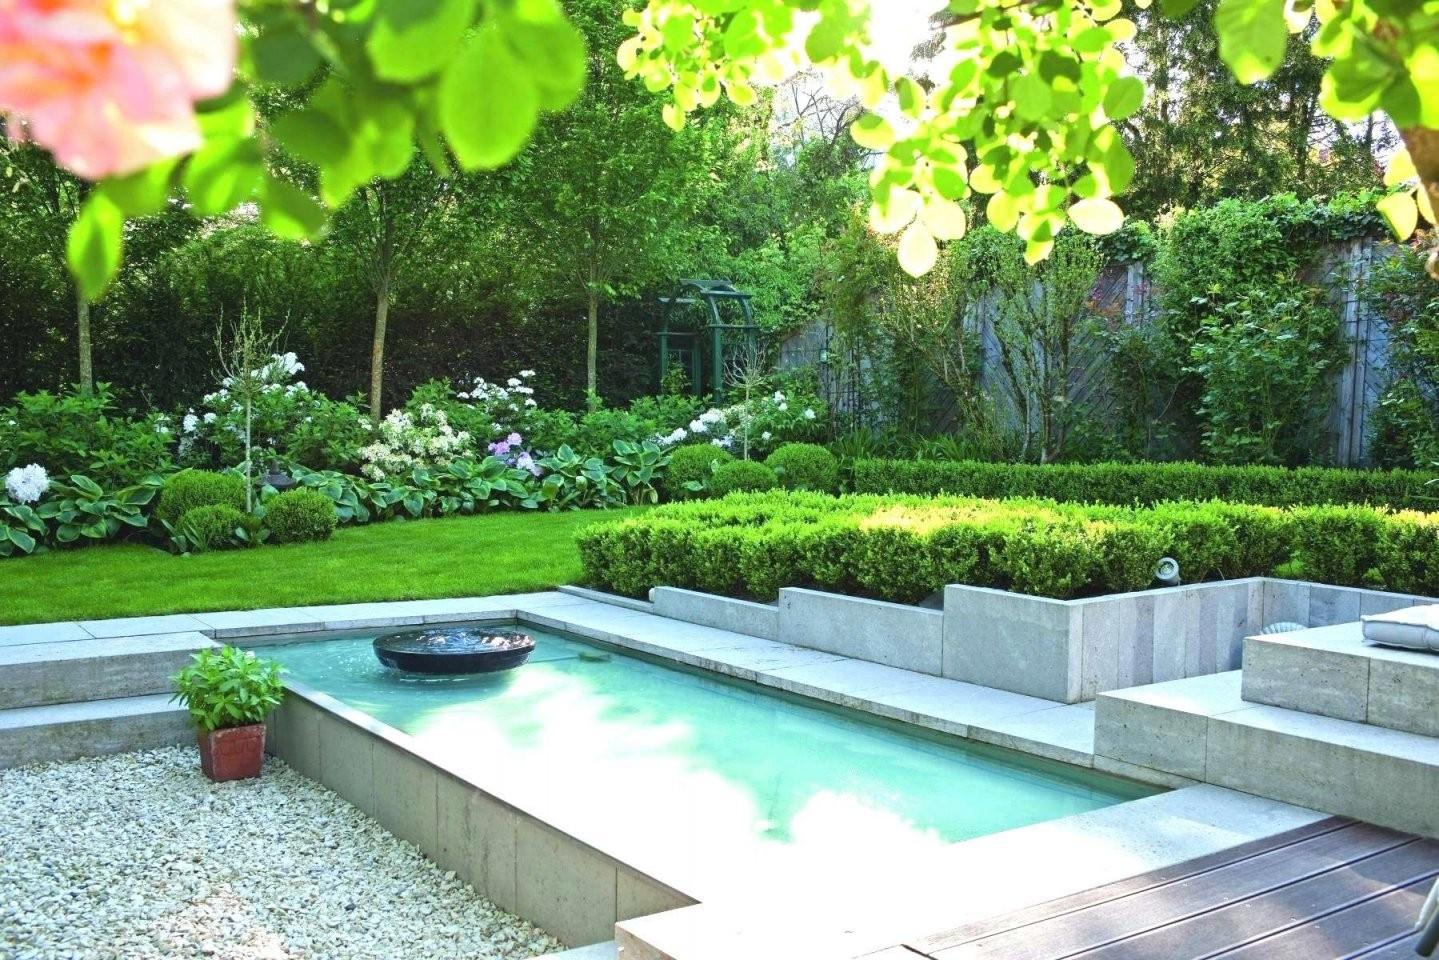 Sitzplatz Im Garten Einzigartig Garten Planen Beispiele Frisch von Sitzplatz Im Garten Gestalten Photo